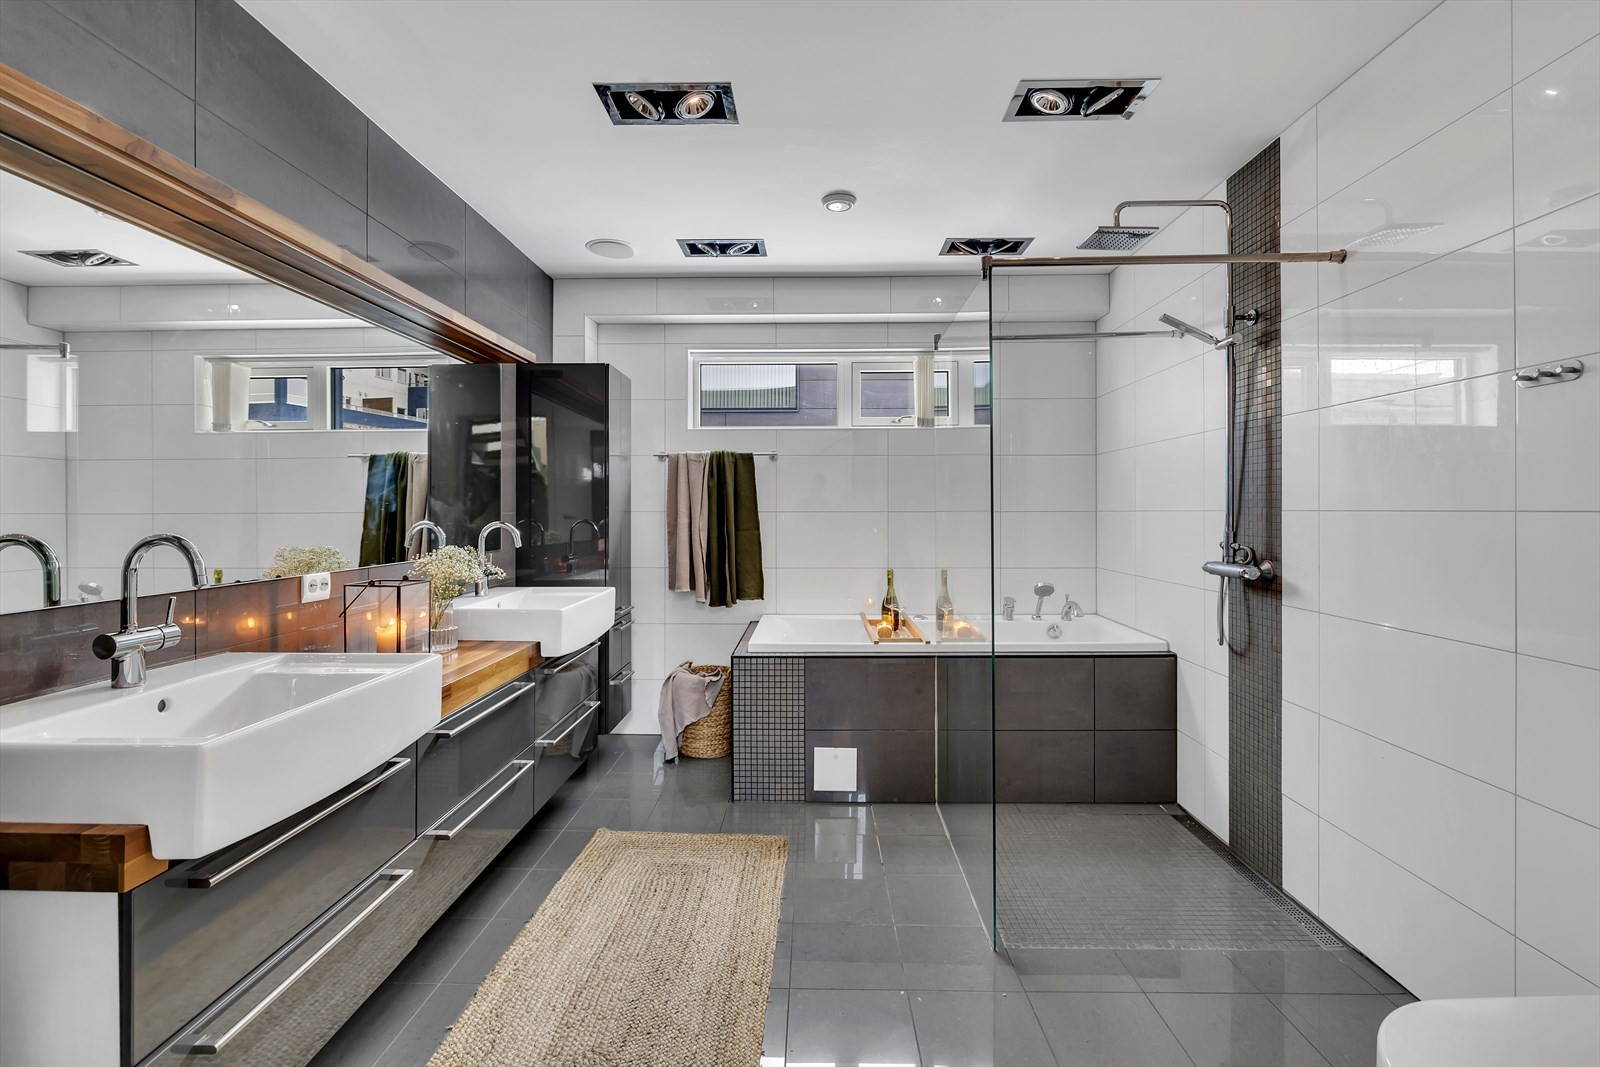 Eksklusivt bad i hovedetasjen med stor innredning, badekar og delvis åpen dusjløsning